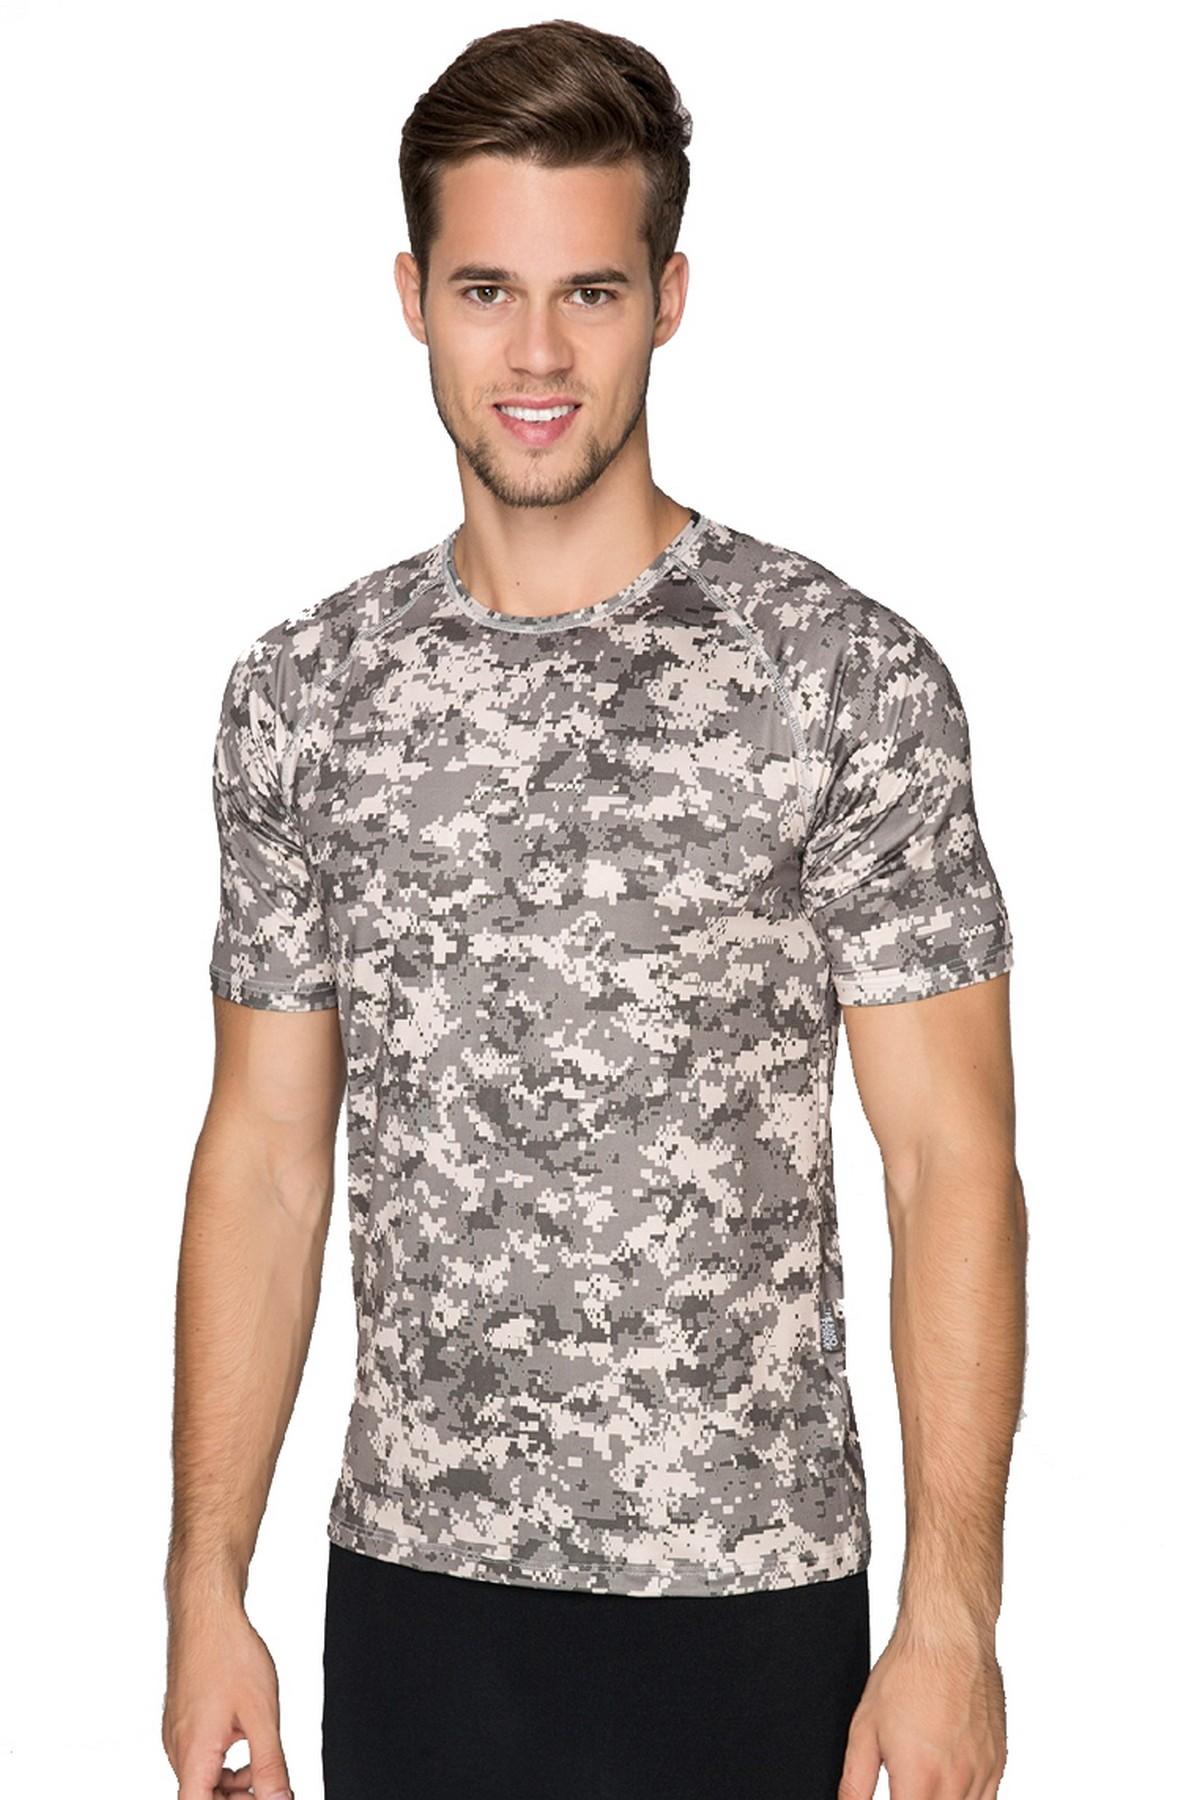 Thermoform Army Microfiber Erkek Tişört Askeri Renk (HZT18025-BGE)